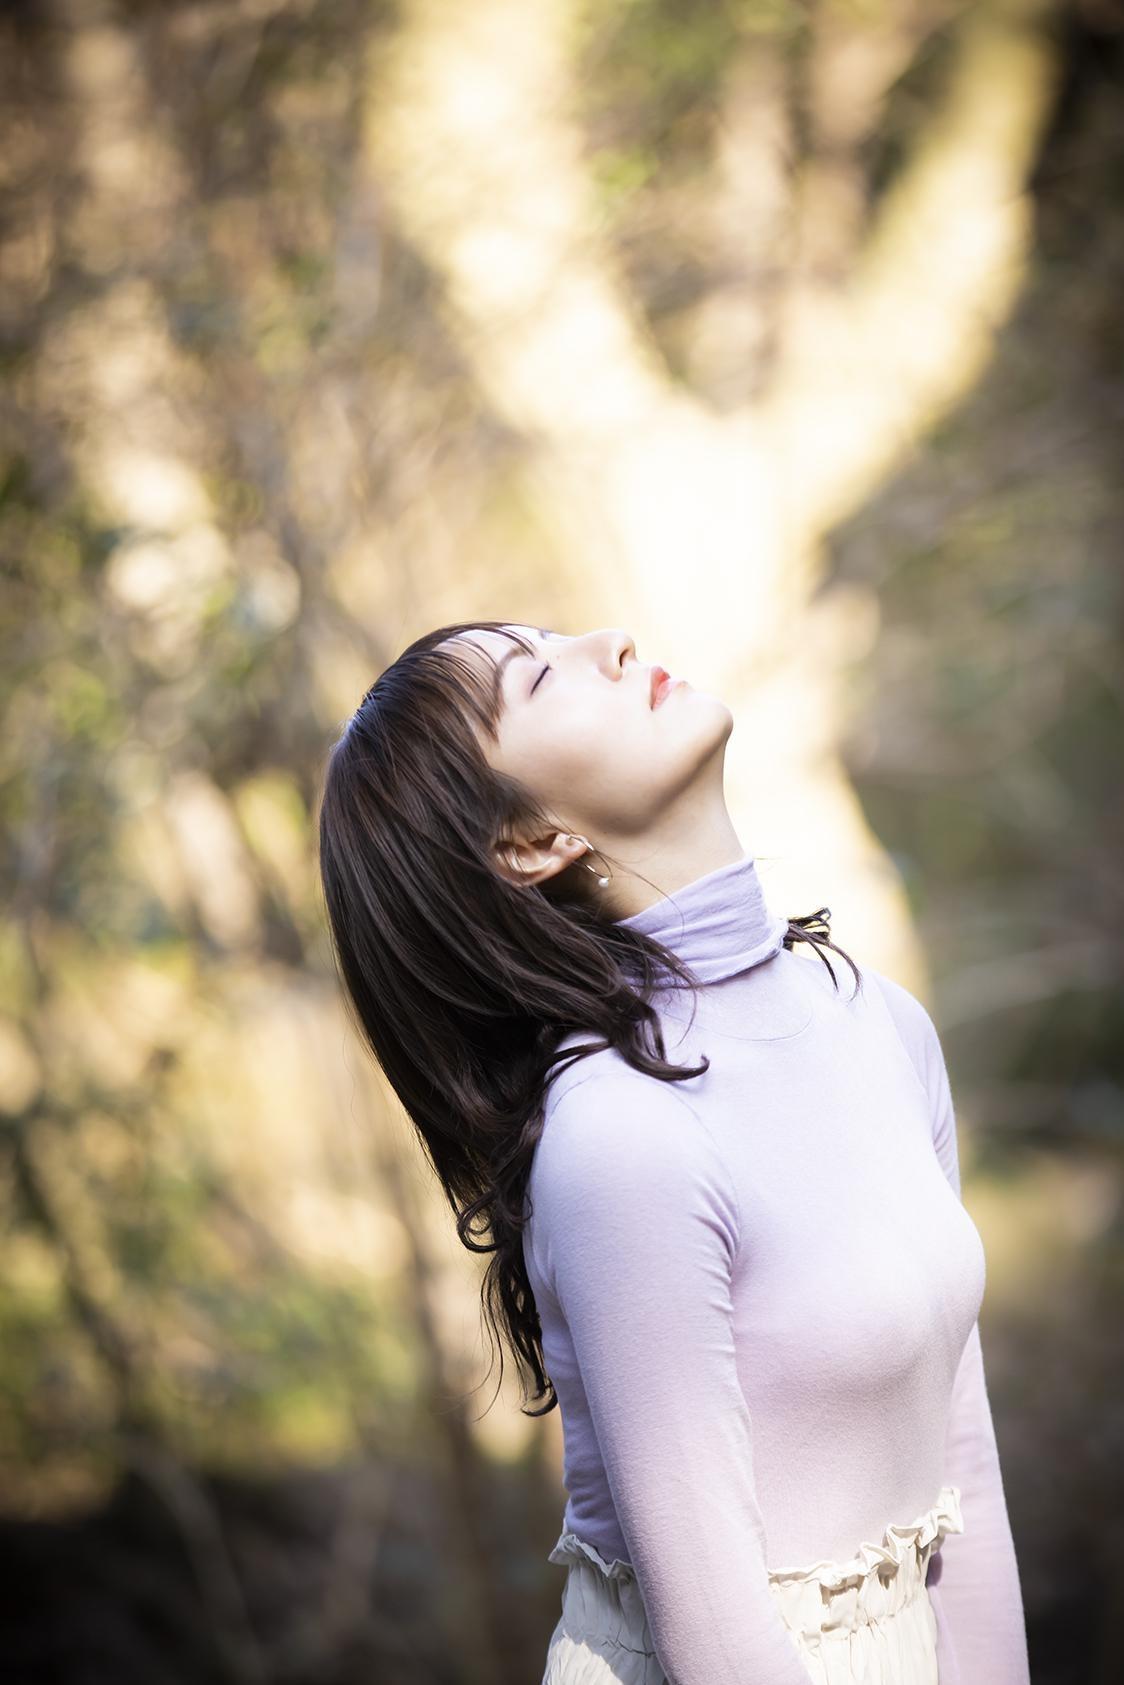 インドア派だという森保。森林浴を楽しむ様子も (C)KADOKAWA  (C)Mercury   PHOTO/TANAKA TOMOHISA